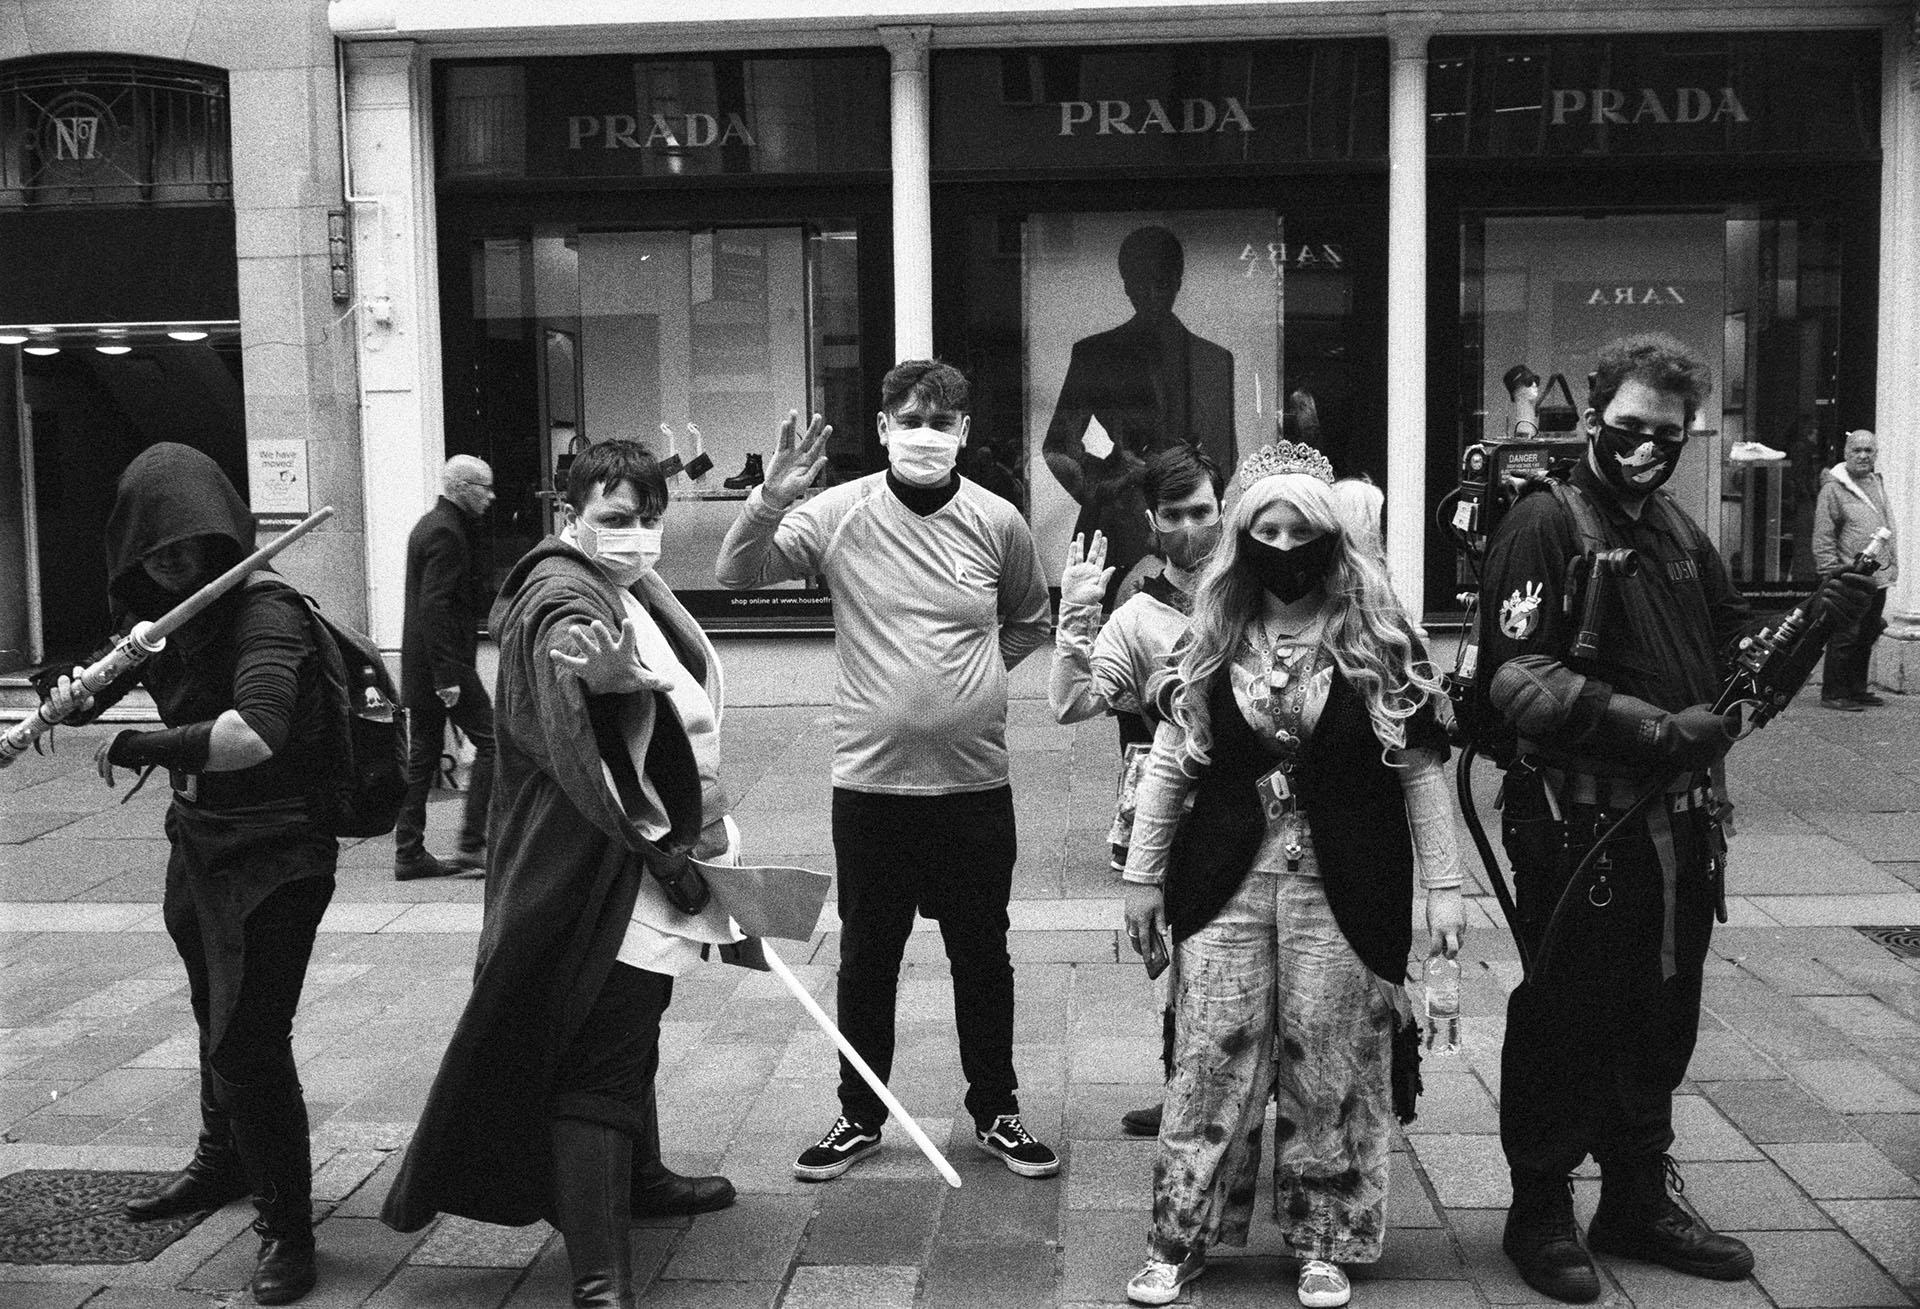 Glasgow street portrait